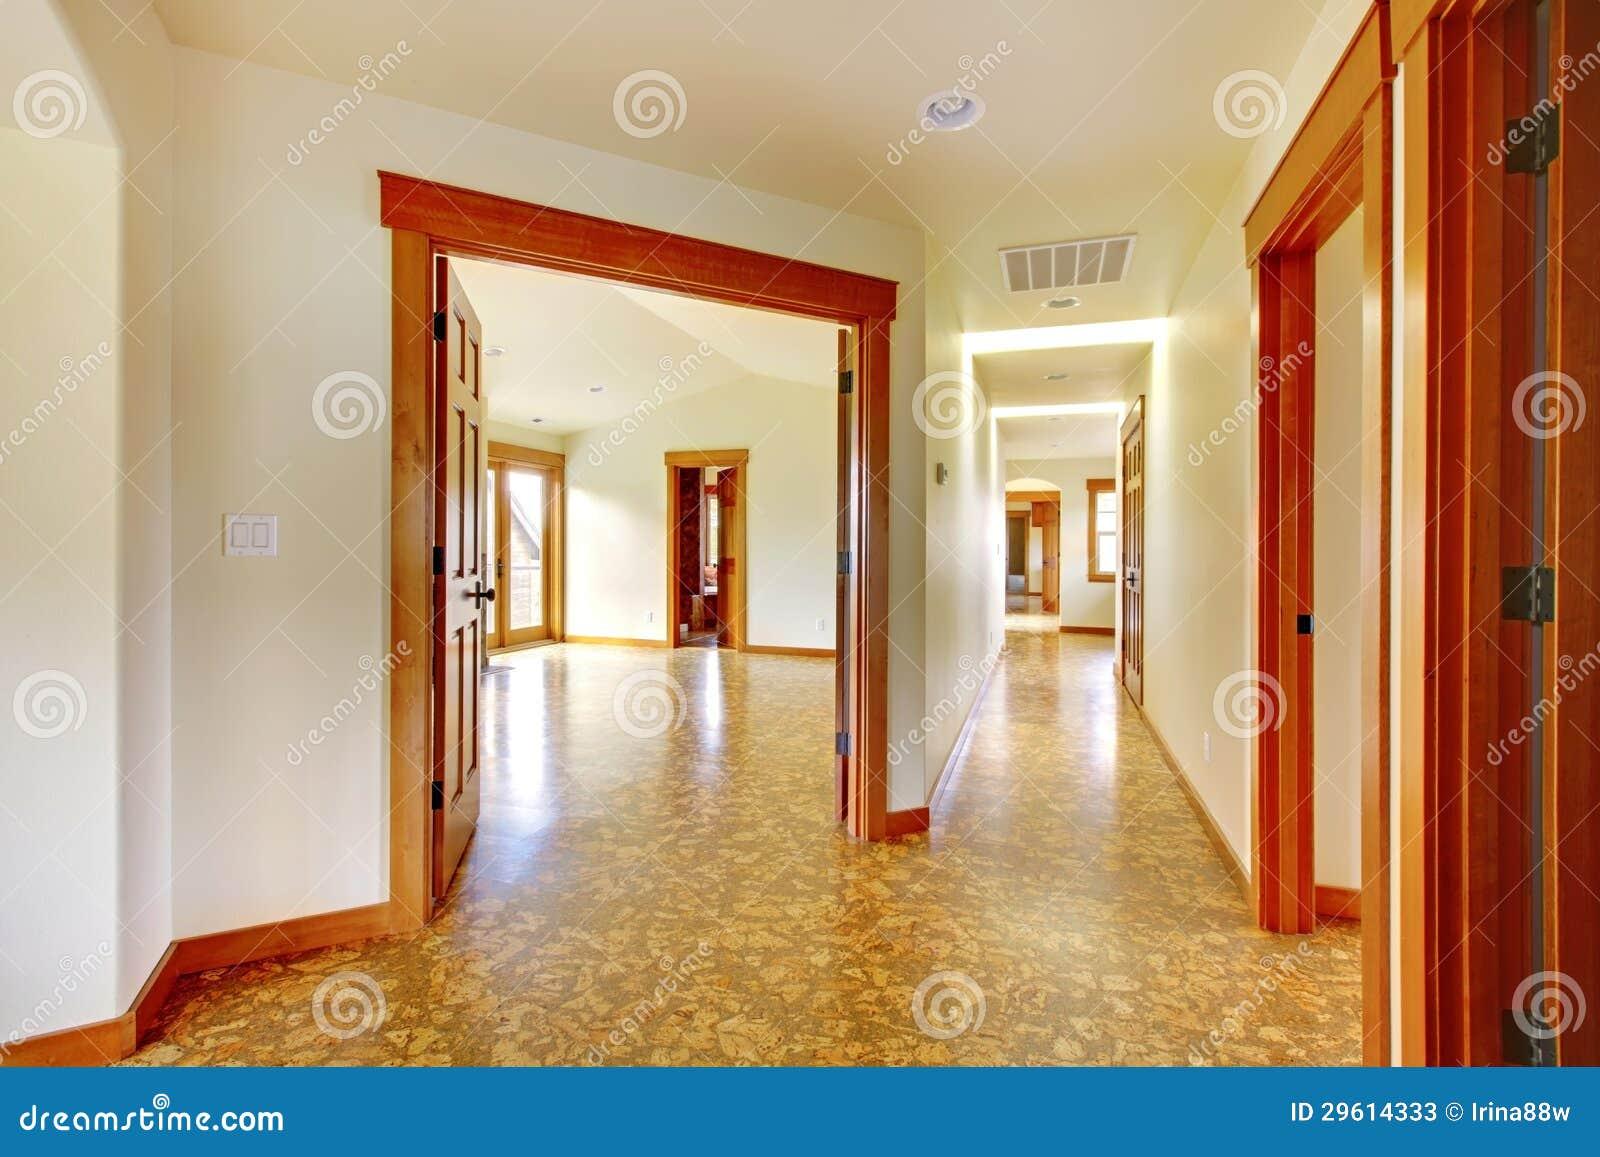 Grande corredor na casa vazia interior home luxuoso novo fotos de stock imagem 29614333 - Foto foto interior ...